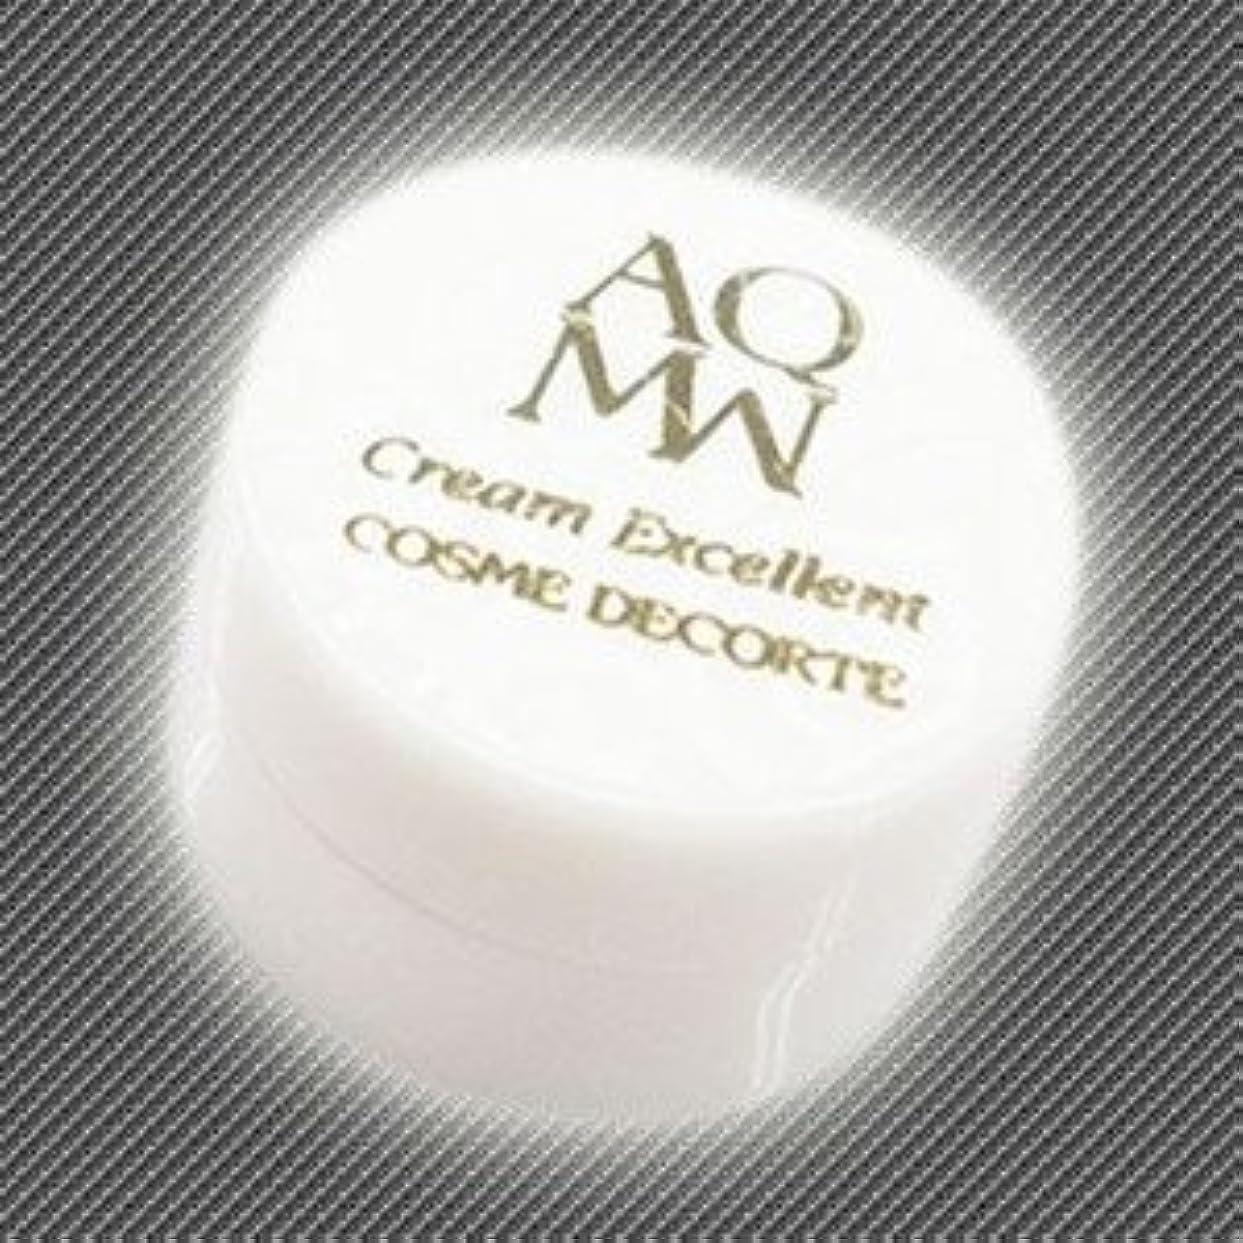 急勾配の付き添い人ショッピングセンターコスメデコルテ AQ MW クリームエクセレント 2.4ml(ミニ)